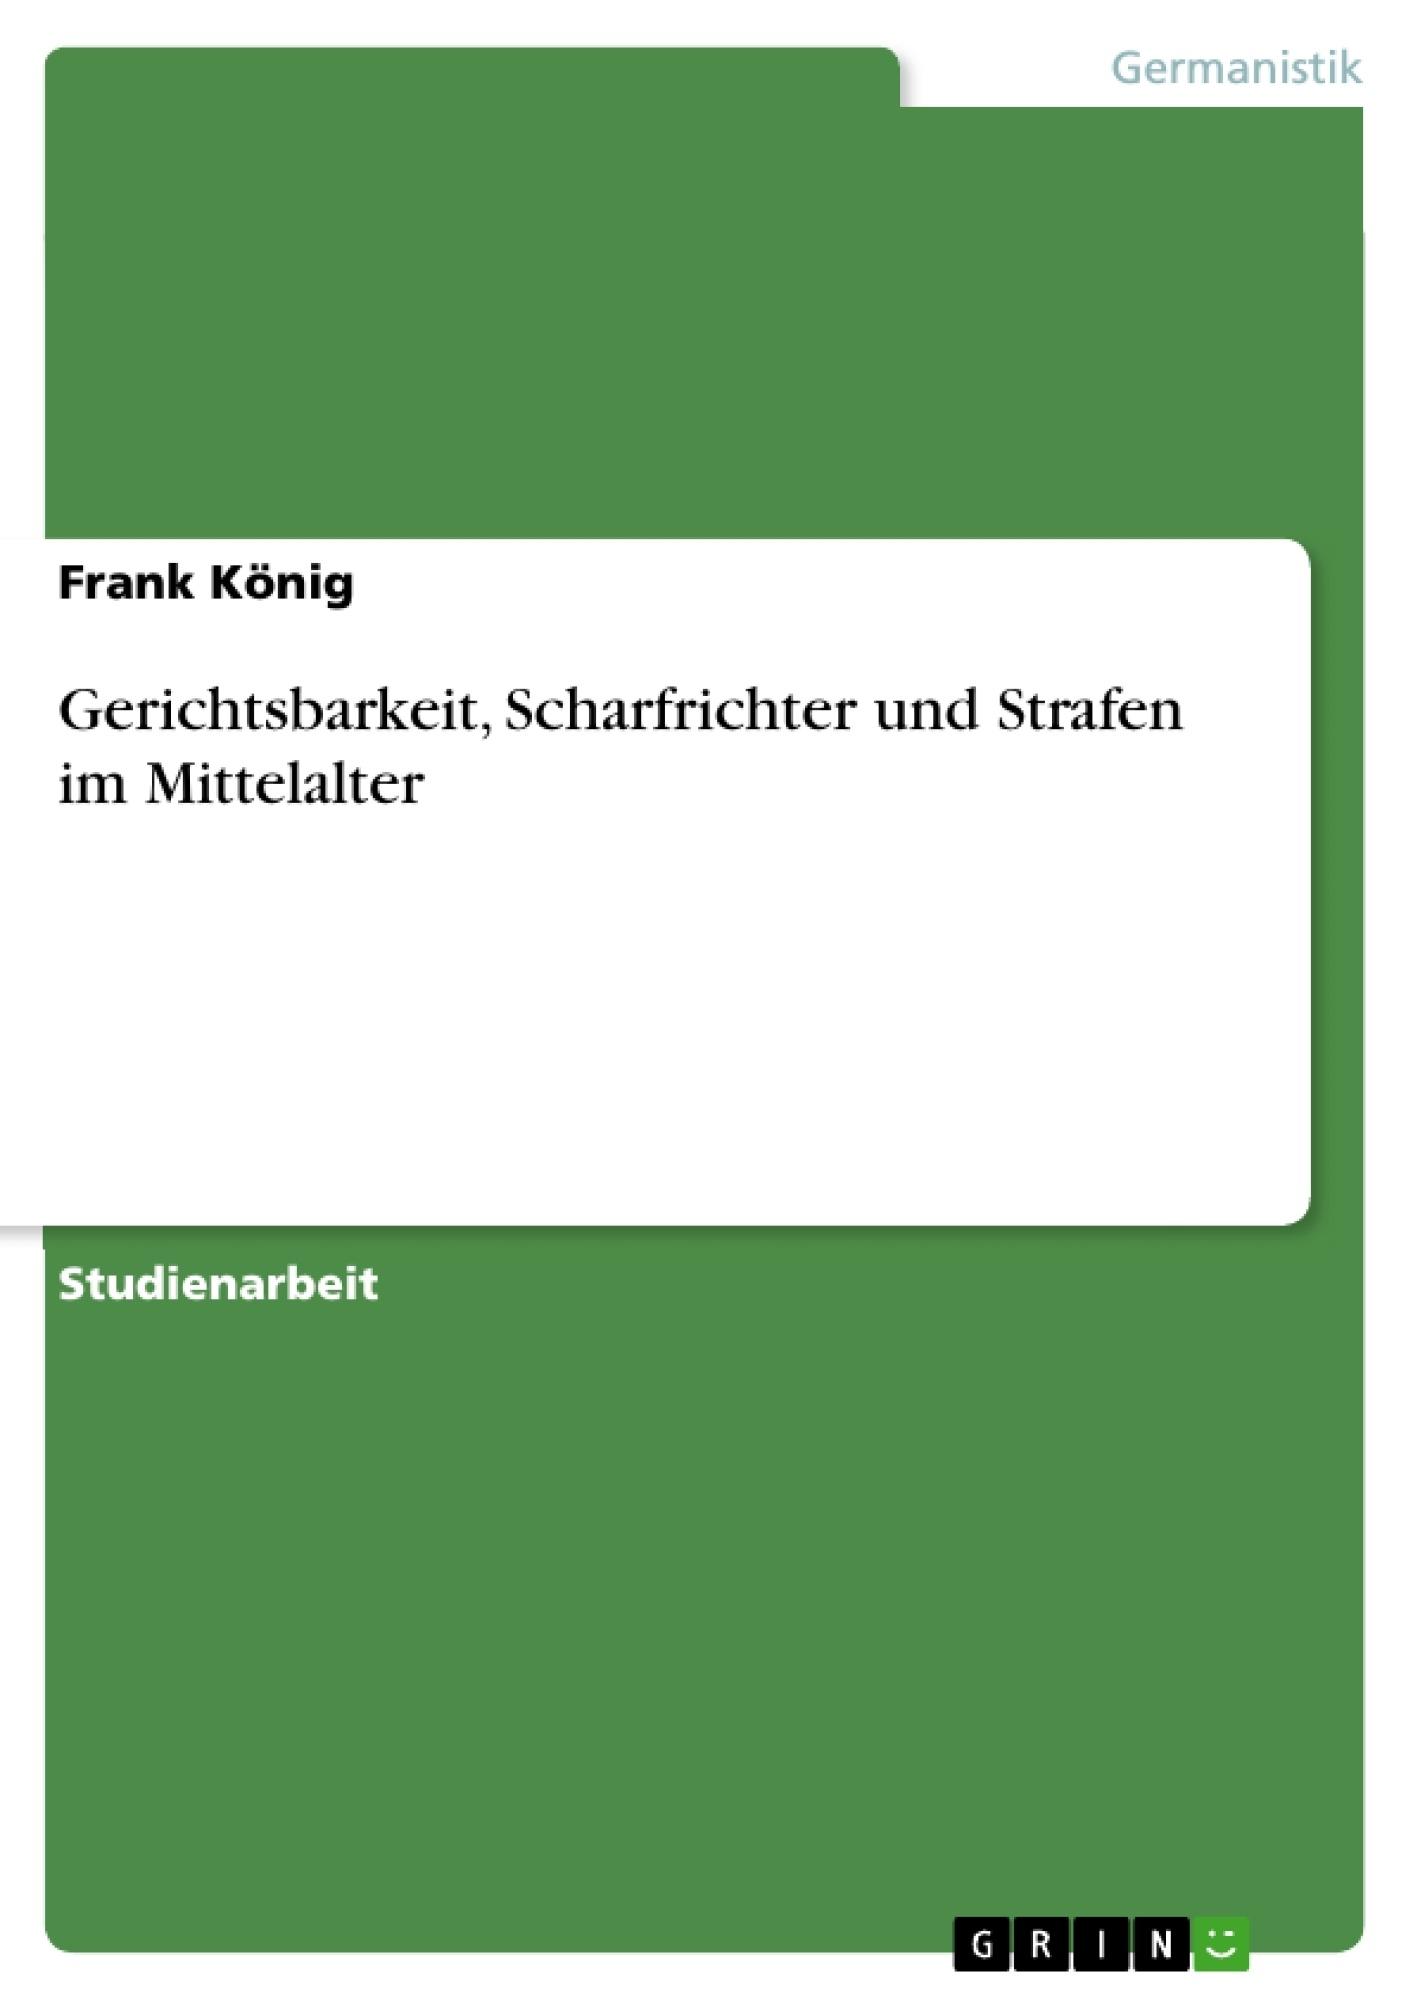 Titel: Gerichtsbarkeit, Scharfrichter und Strafen im Mittelalter